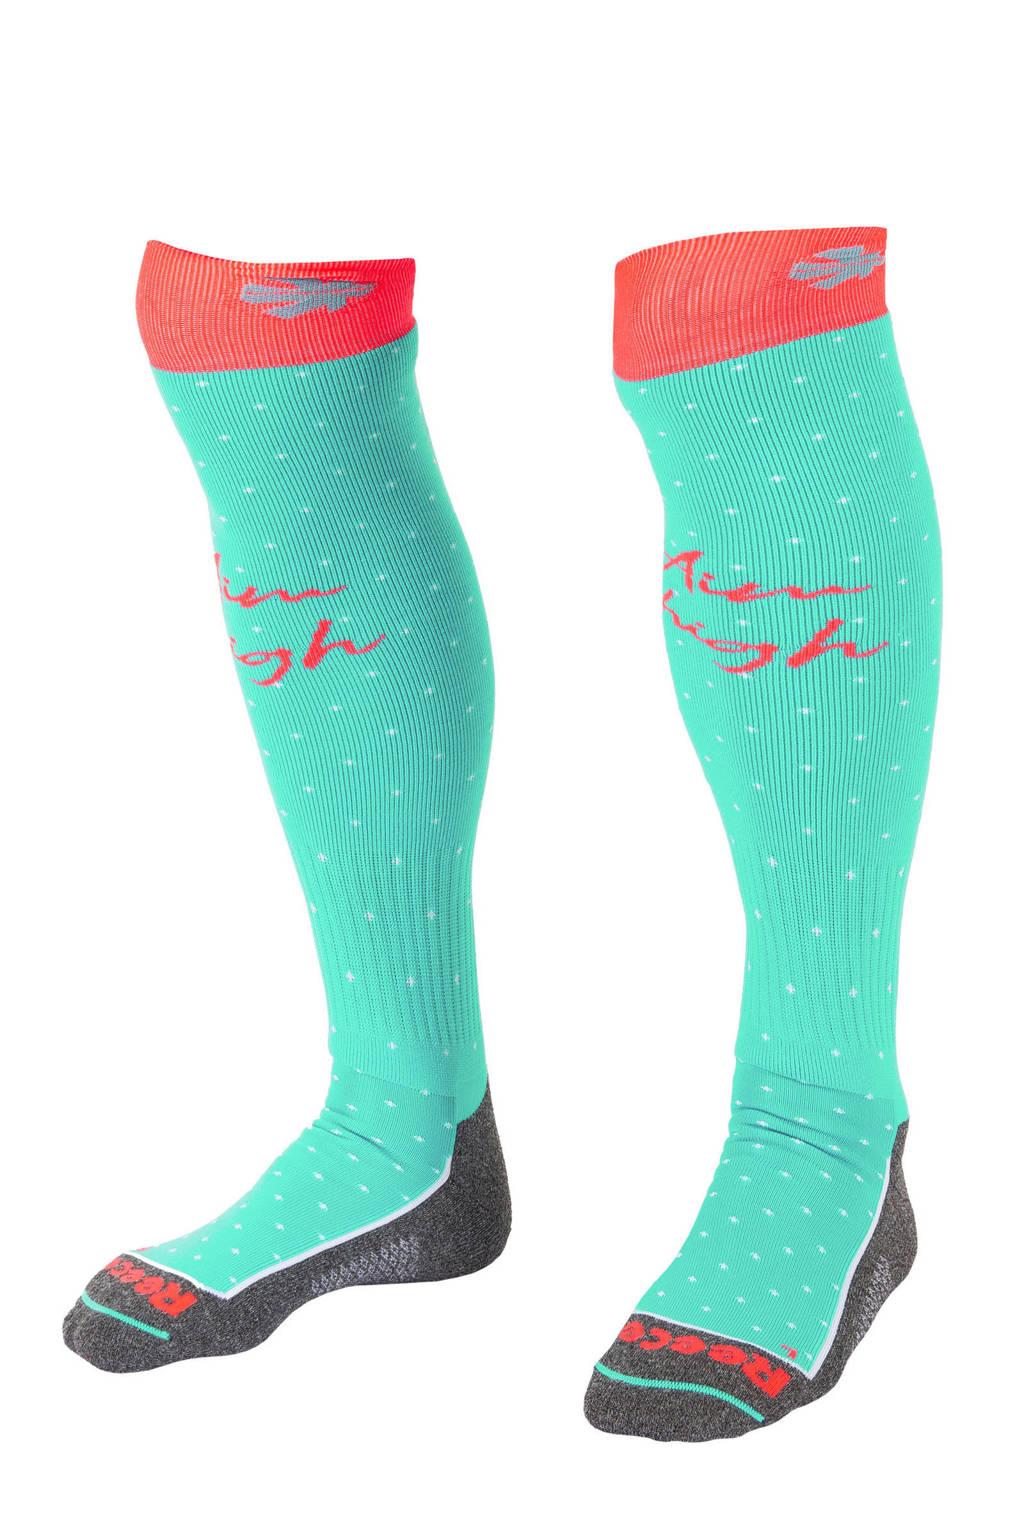 Reece Australia   sportsokken mintgroen/roze, Mintgroen/roze